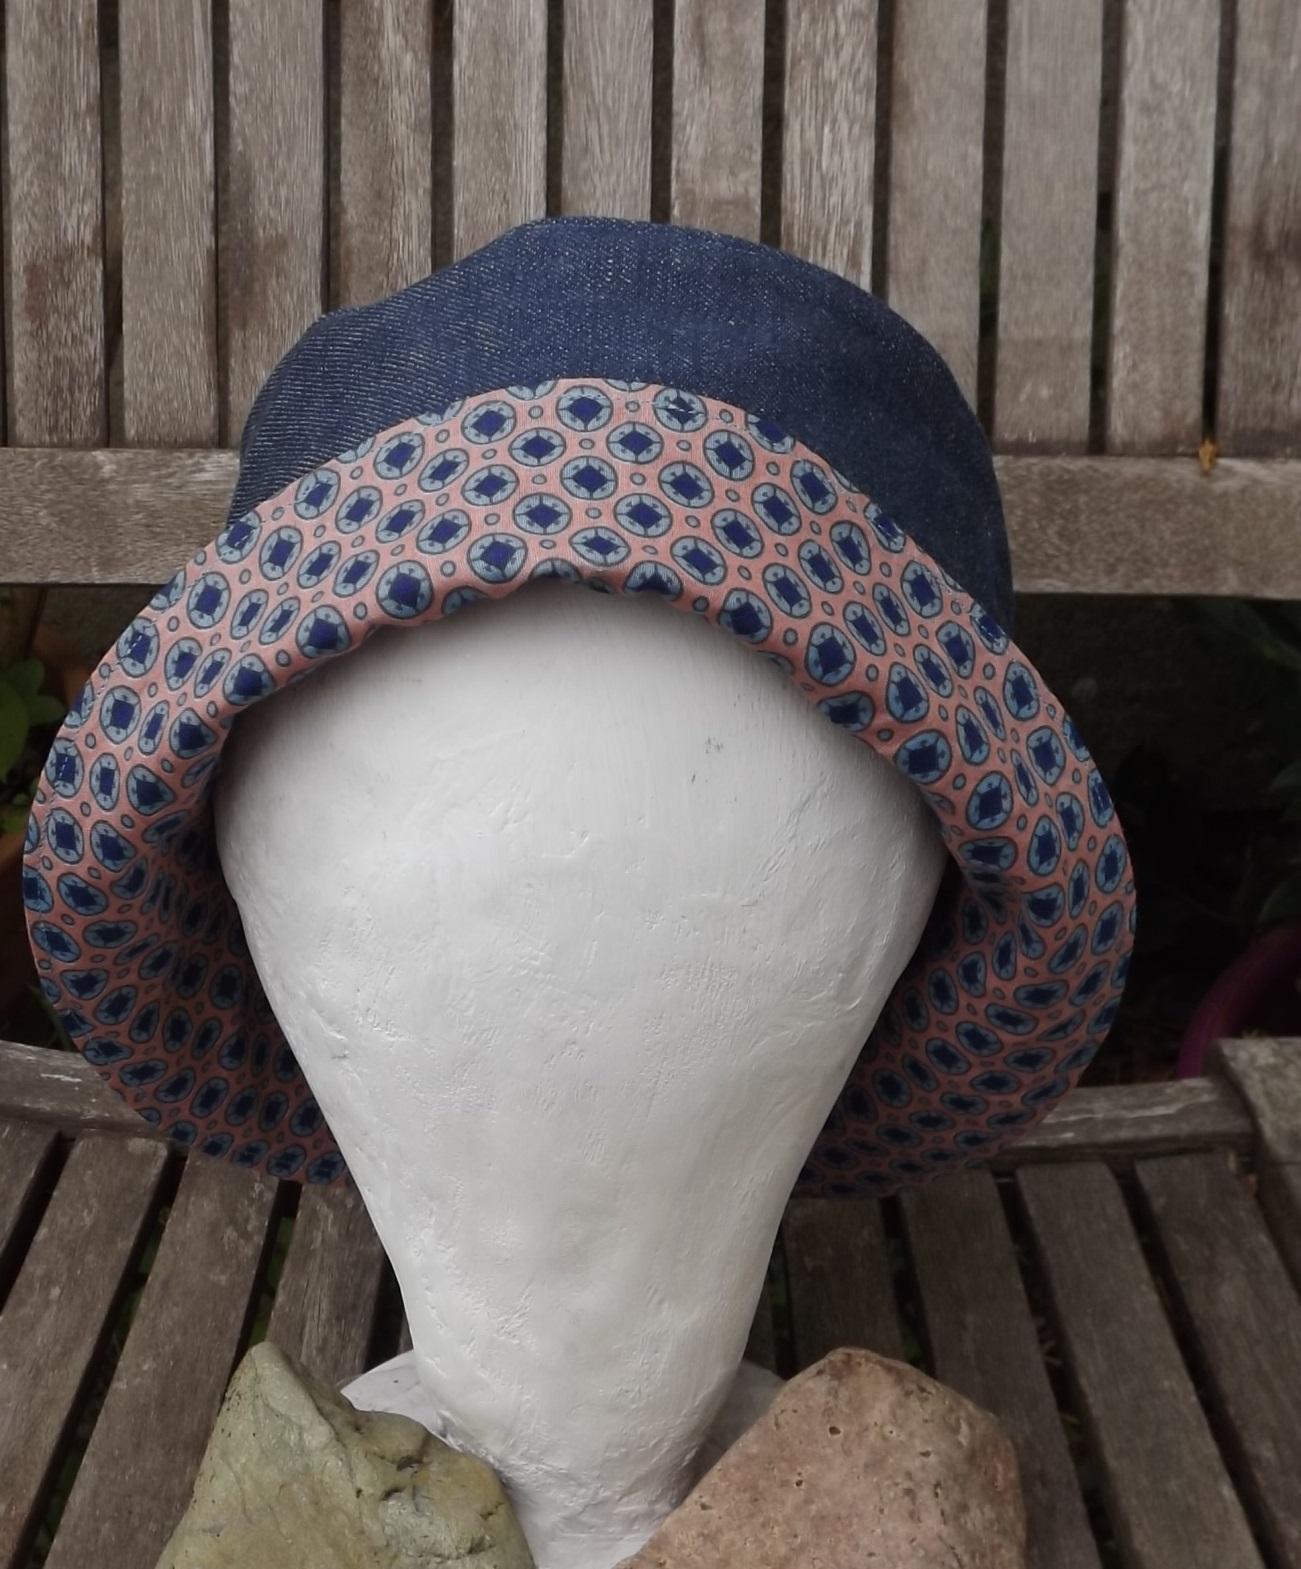 chapeau de soleil pour femme en jean doubl coton. Black Bedroom Furniture Sets. Home Design Ideas